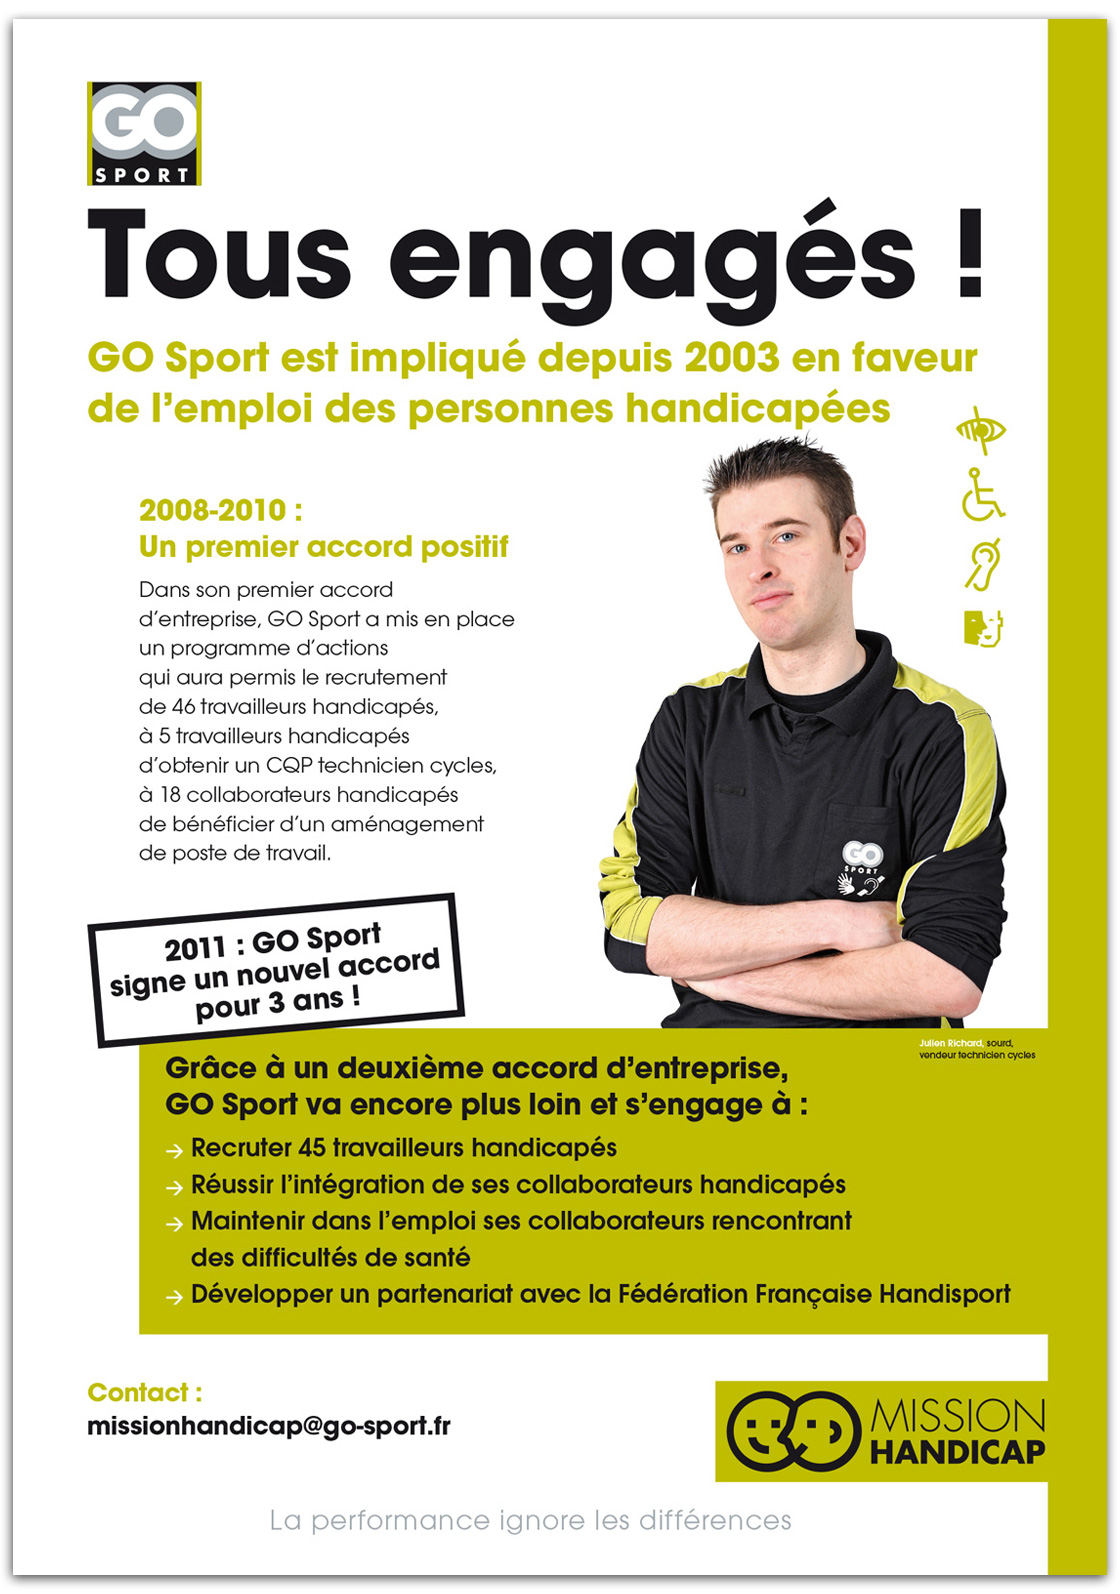 Campagne institutionnelle en faveur de l'emploi des personnes handicapées